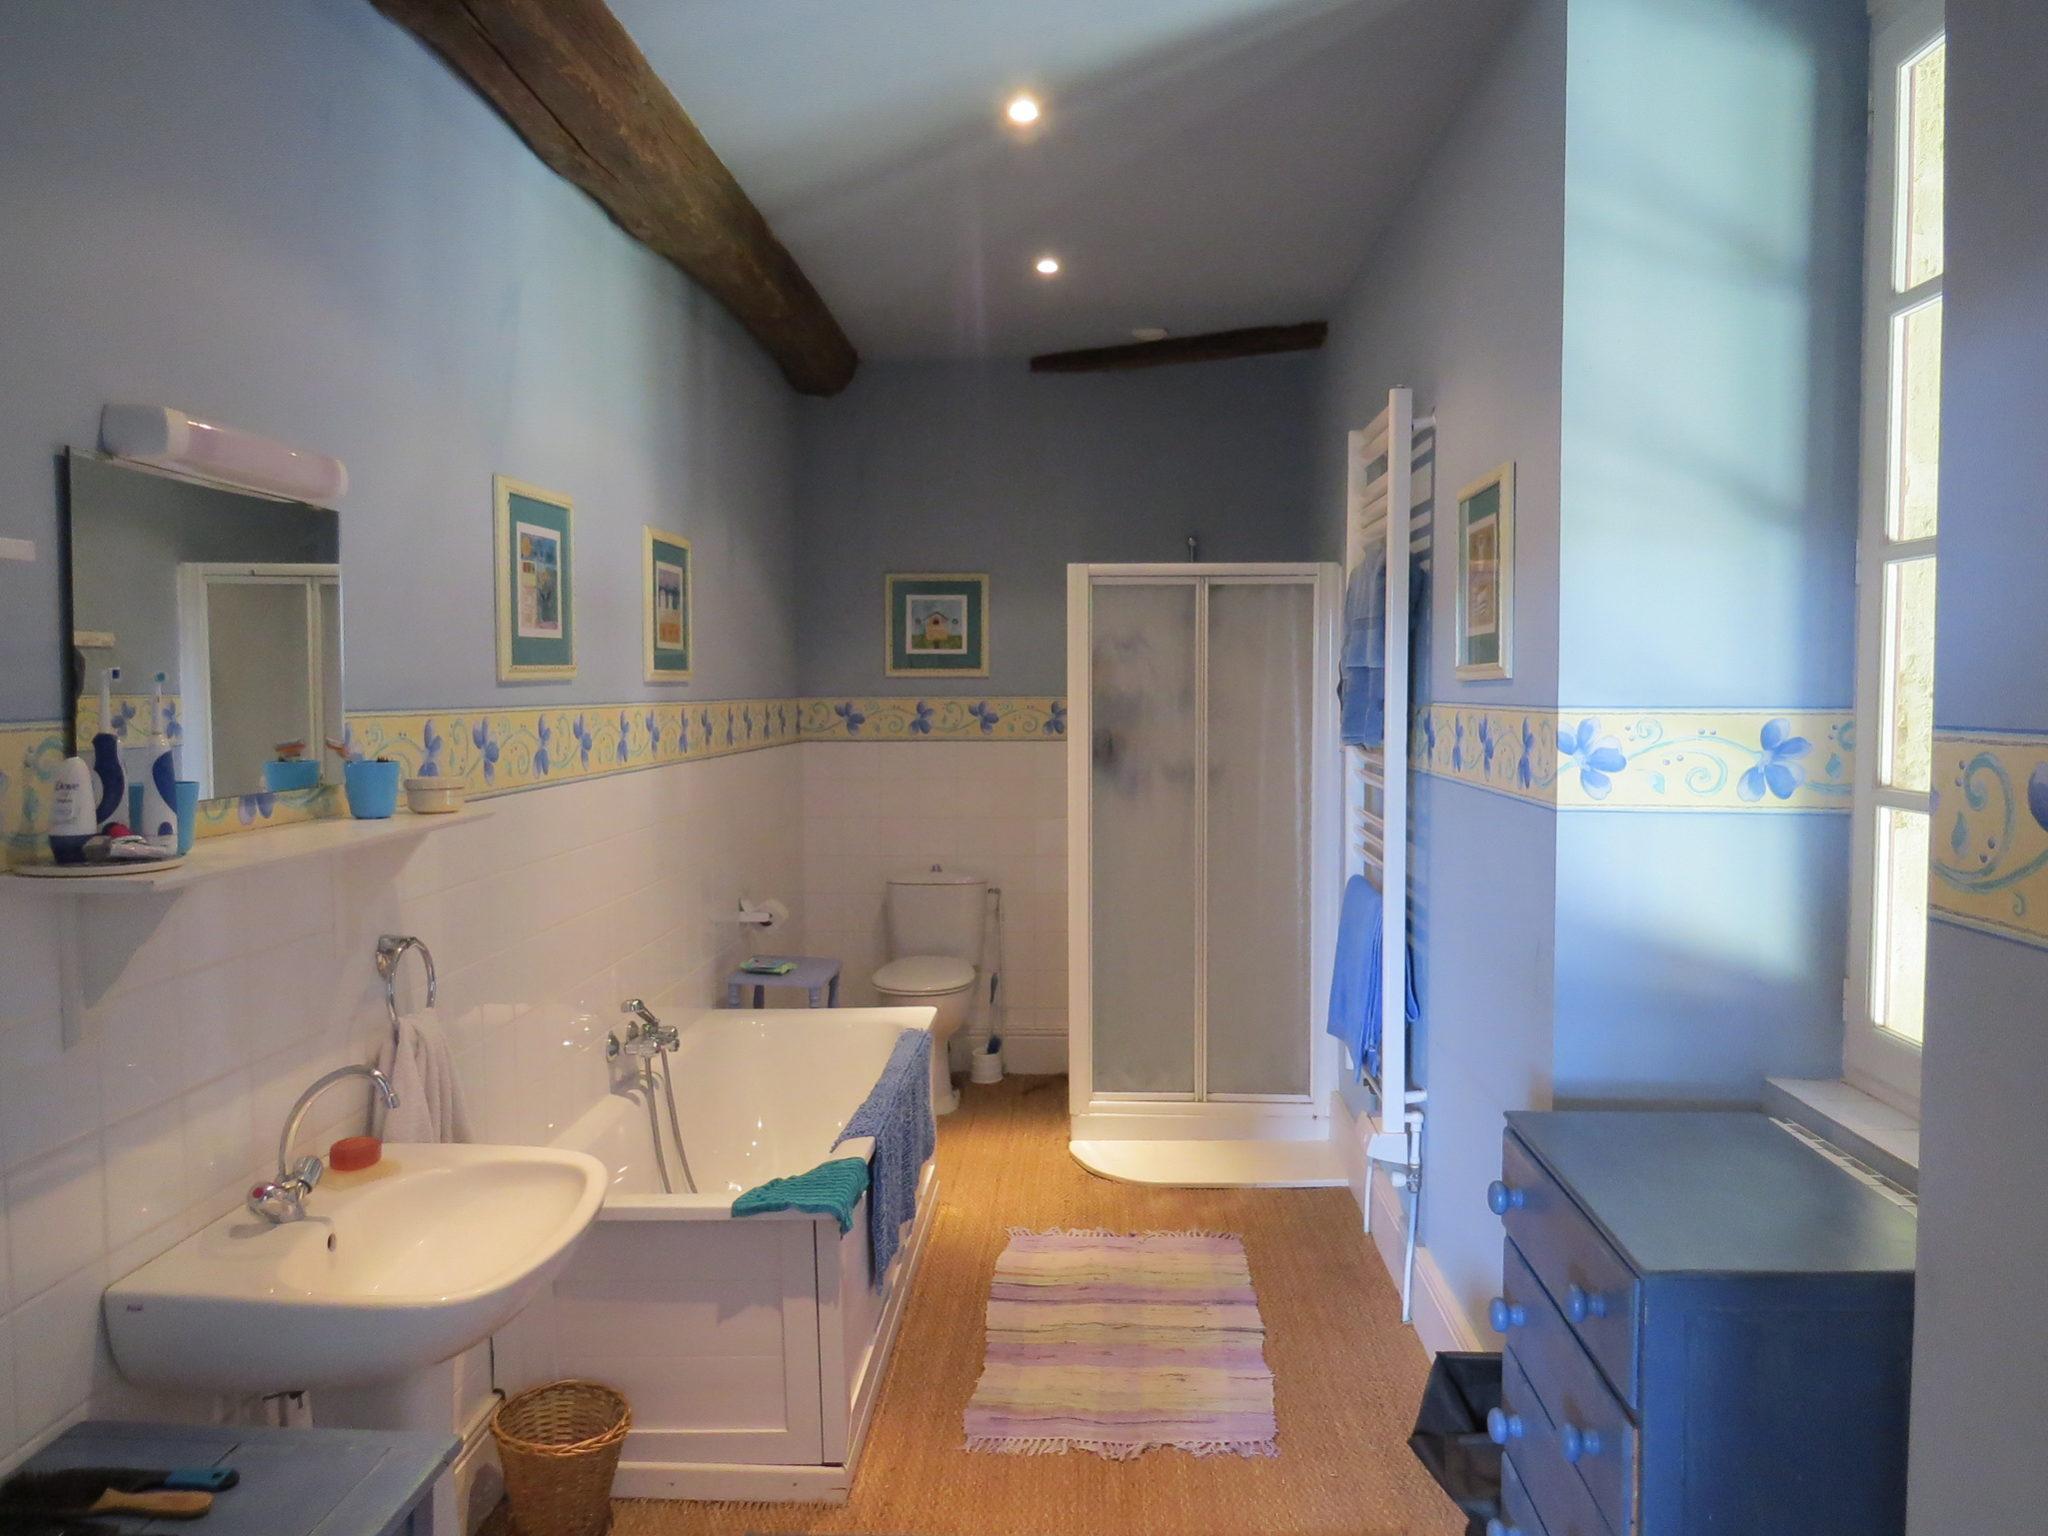 BathRoom 3 | Domaine du Pignoulet, Gascony, France